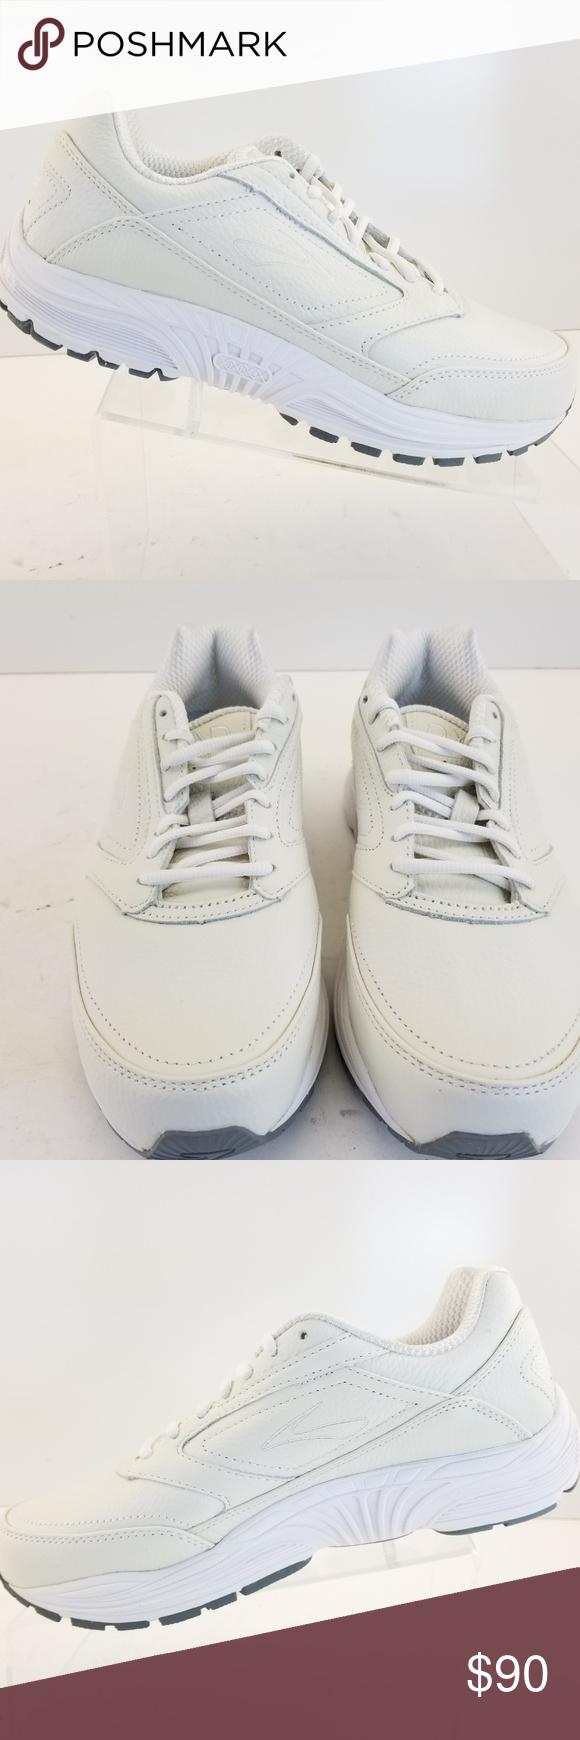 472776a744f50 Brooks Dyad Walker Off White Women s Walking Shoes Brooks Dyad Walker Off  White Women s Walking Shoes 6200471B111 Sz 10 Wide a19 Brooks Shoes  Athletic Shoes